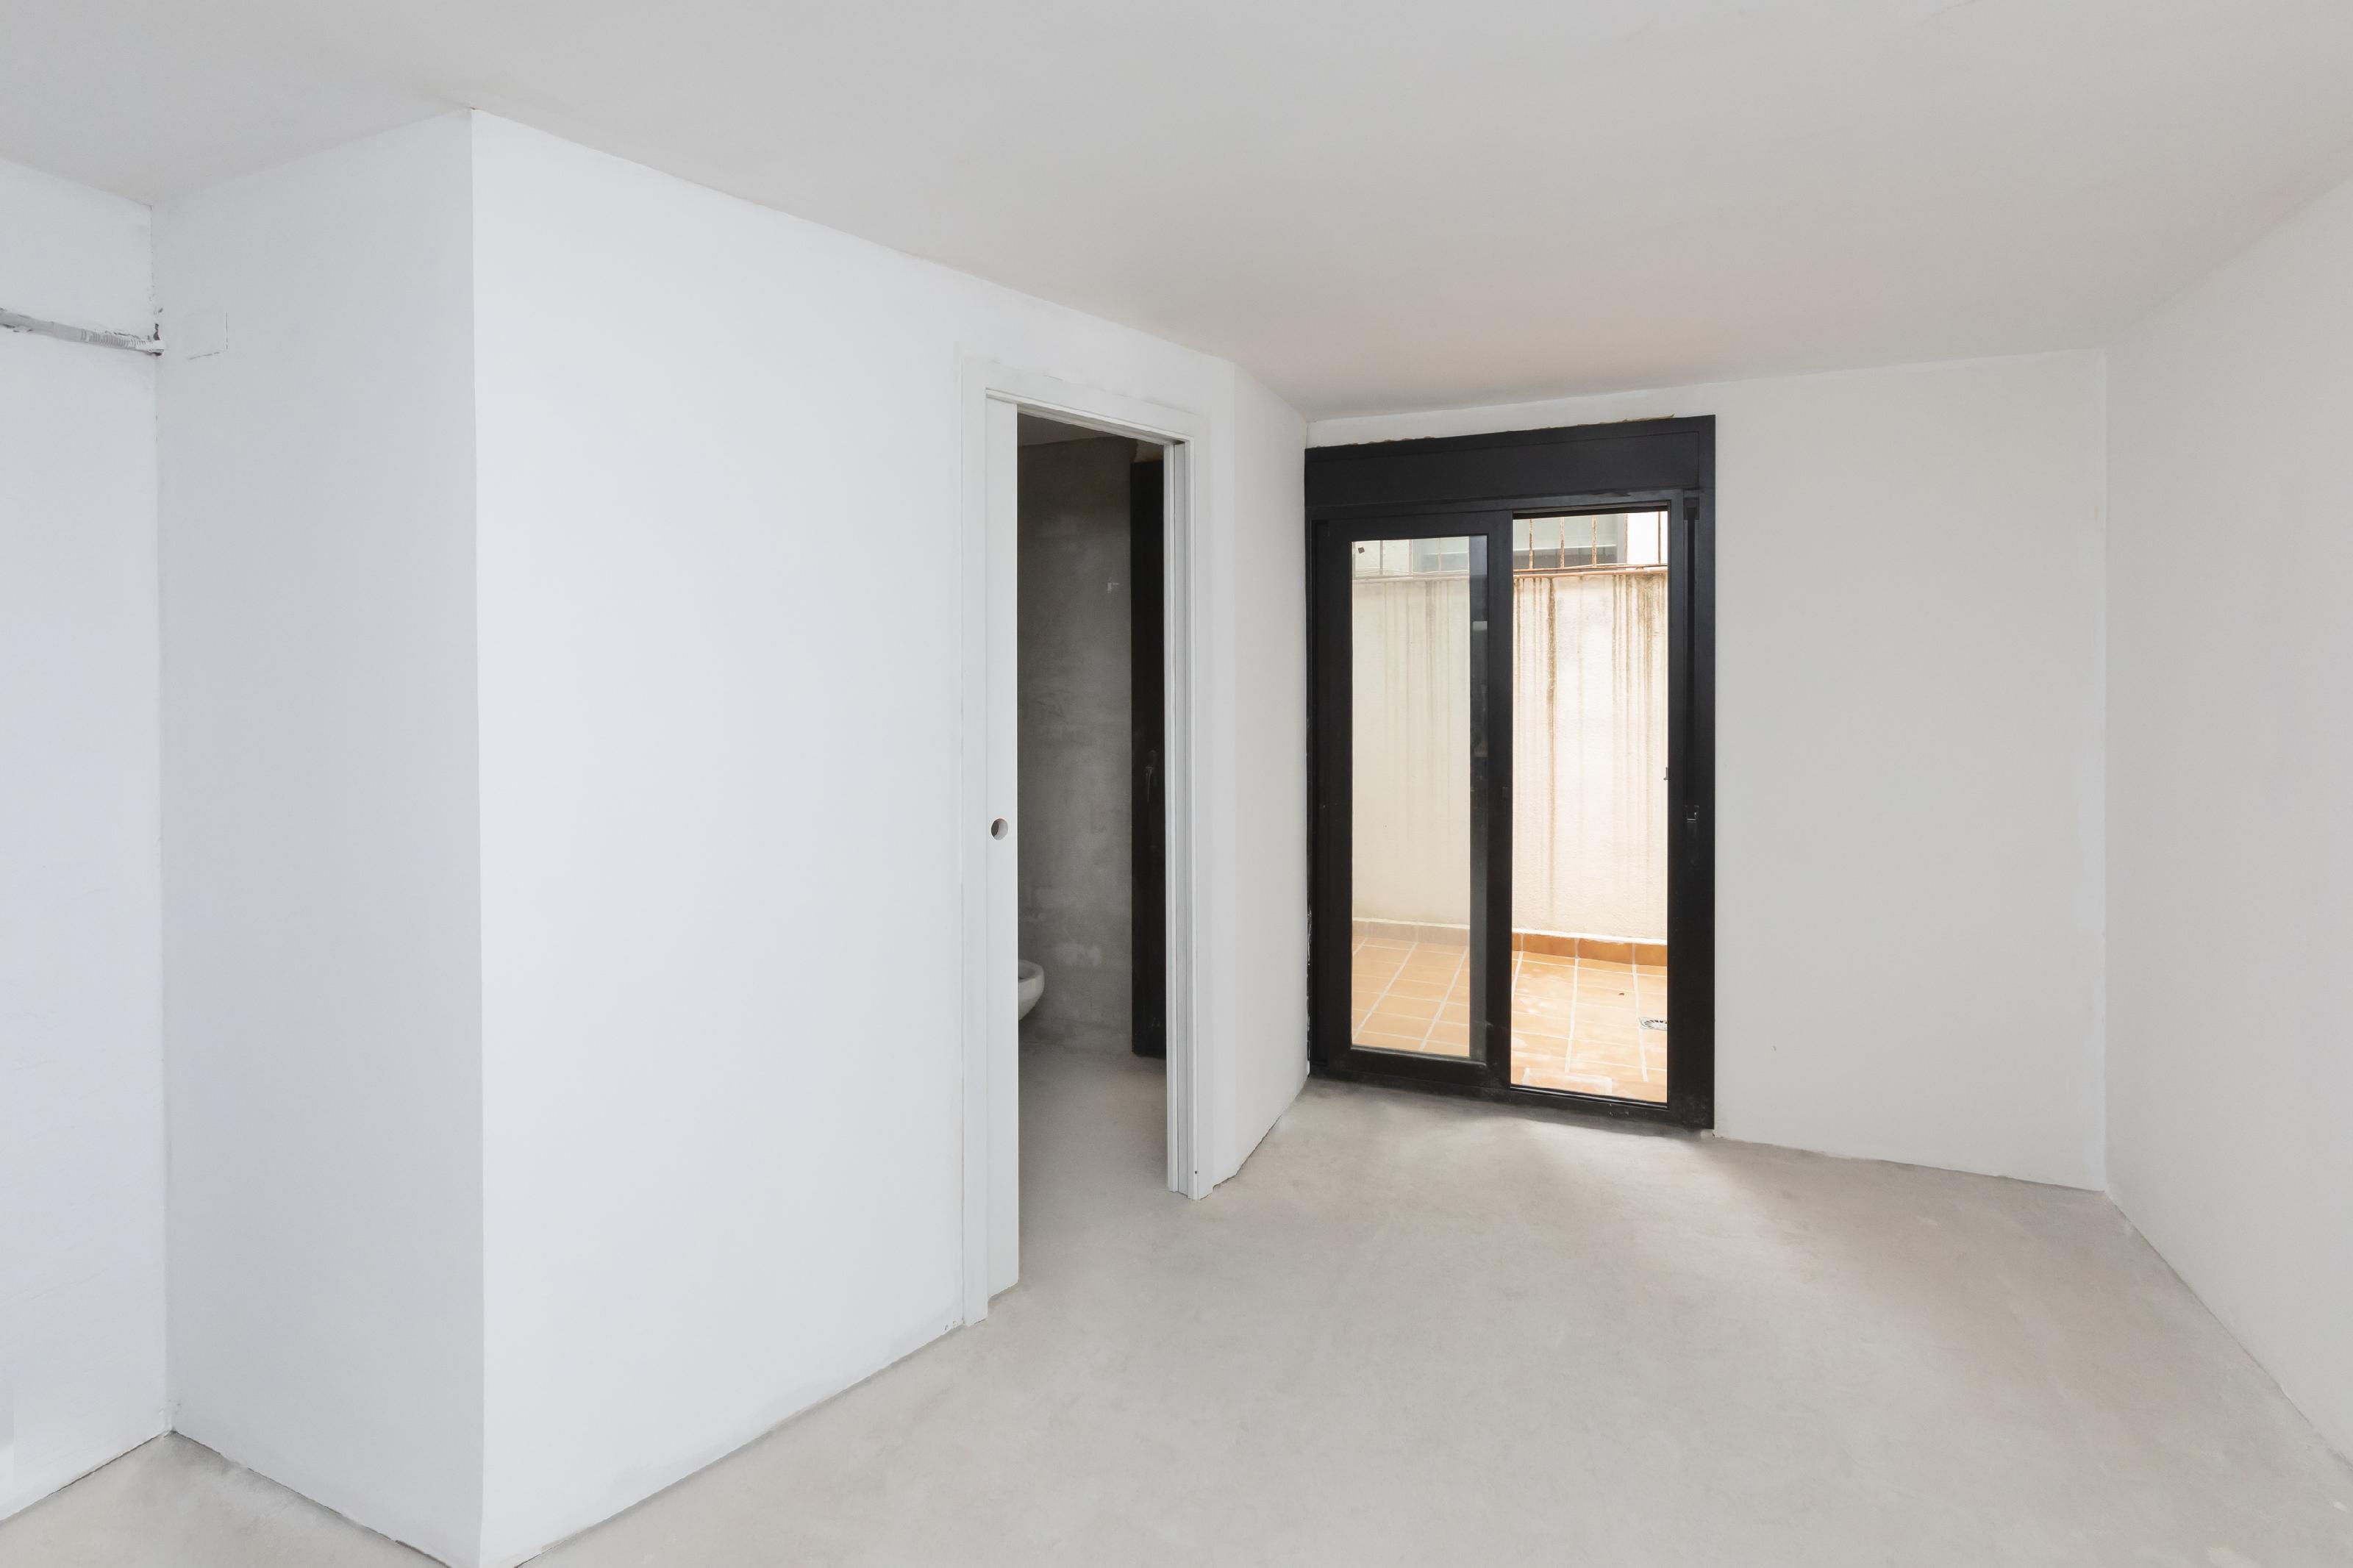 253983 Loft for sale in Gràcia, Vila de Gràcia 8